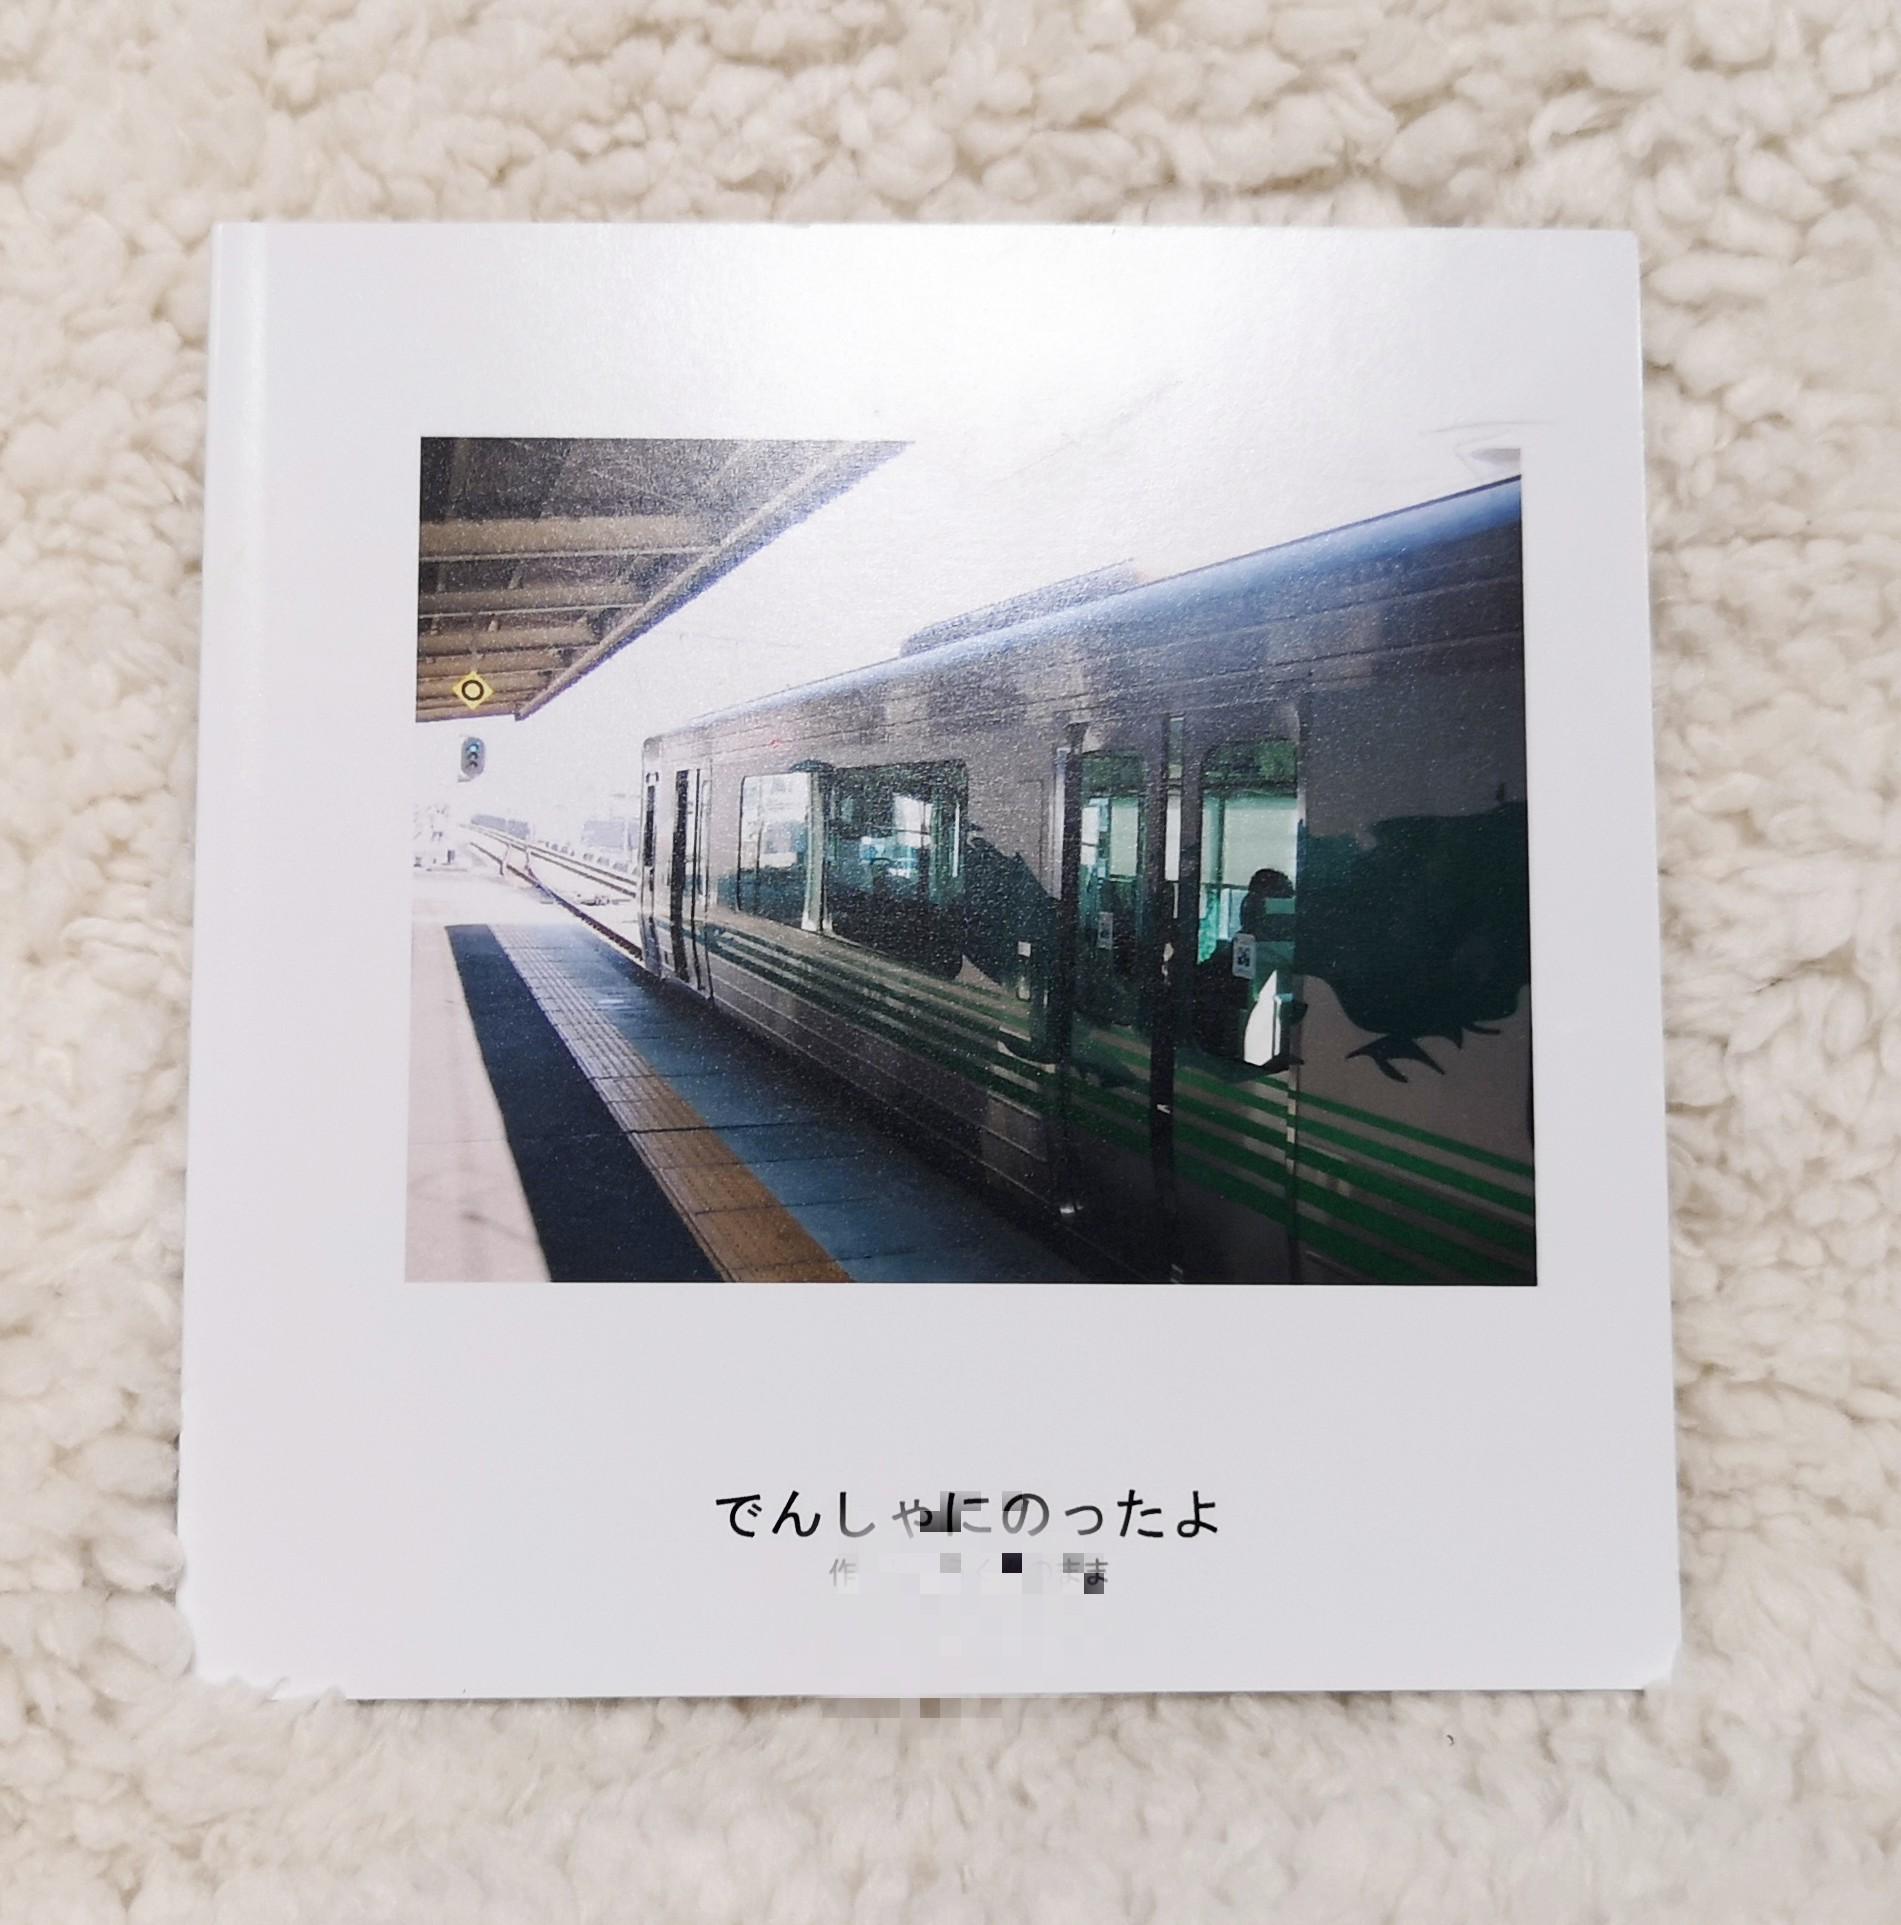 おすすめフォトブックカメラのキタムラのフォトブック比較写真